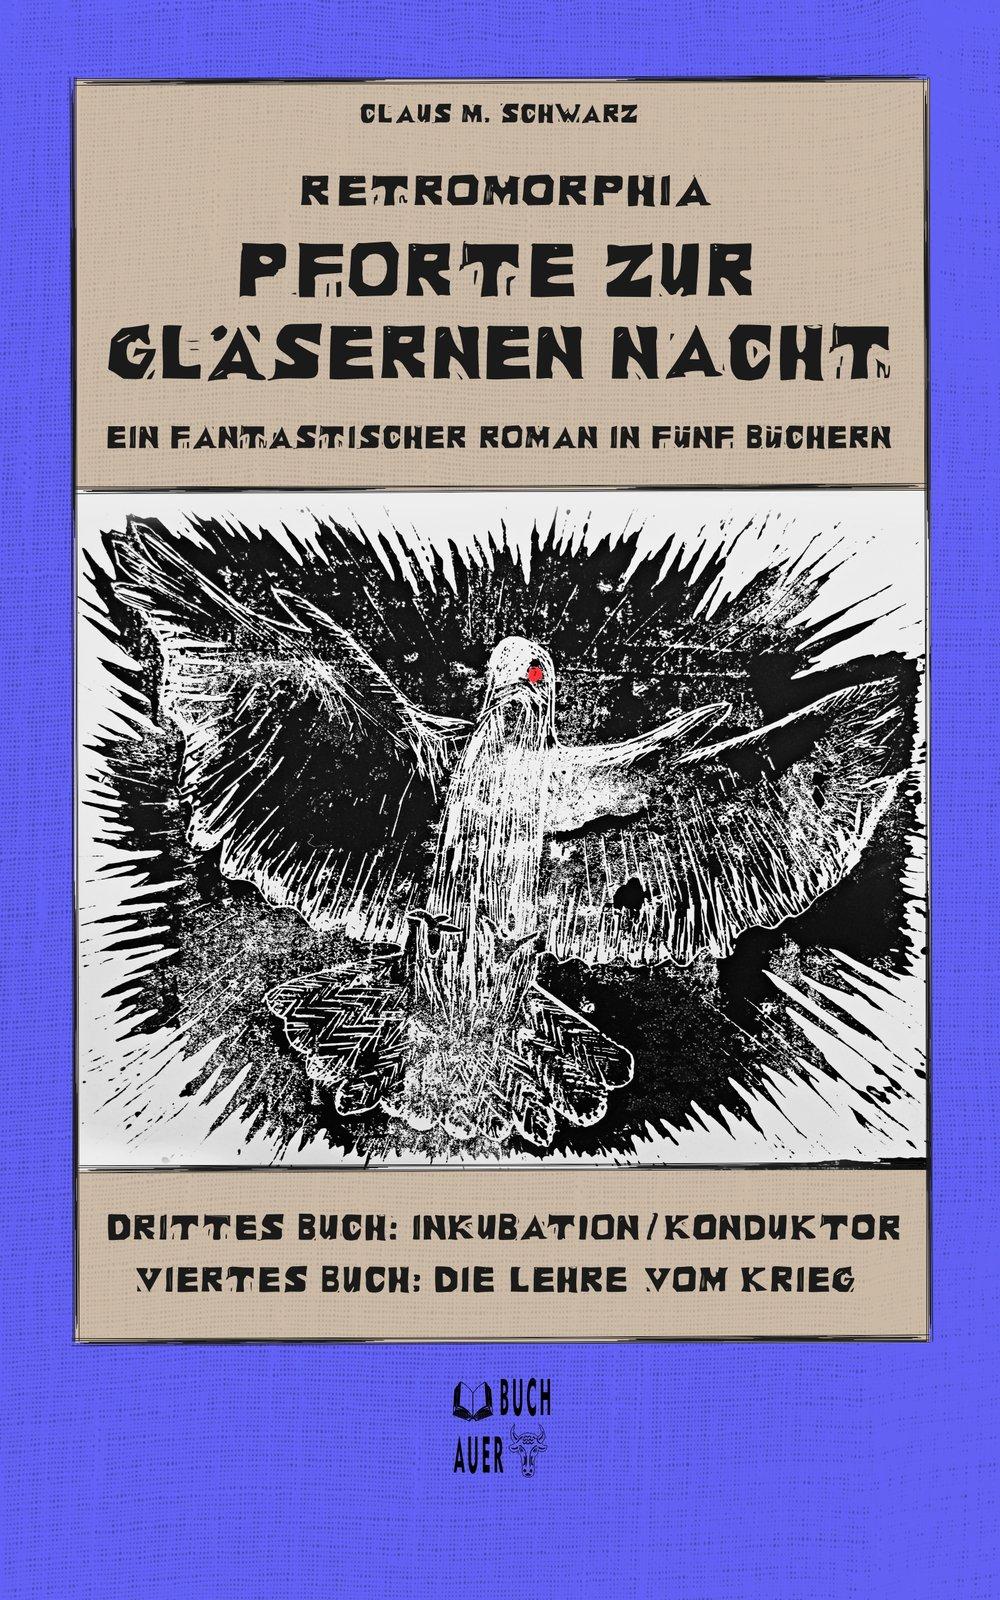 schwarz_claus_retromorphia2_phantastik-autoren-netzwerk.jpg